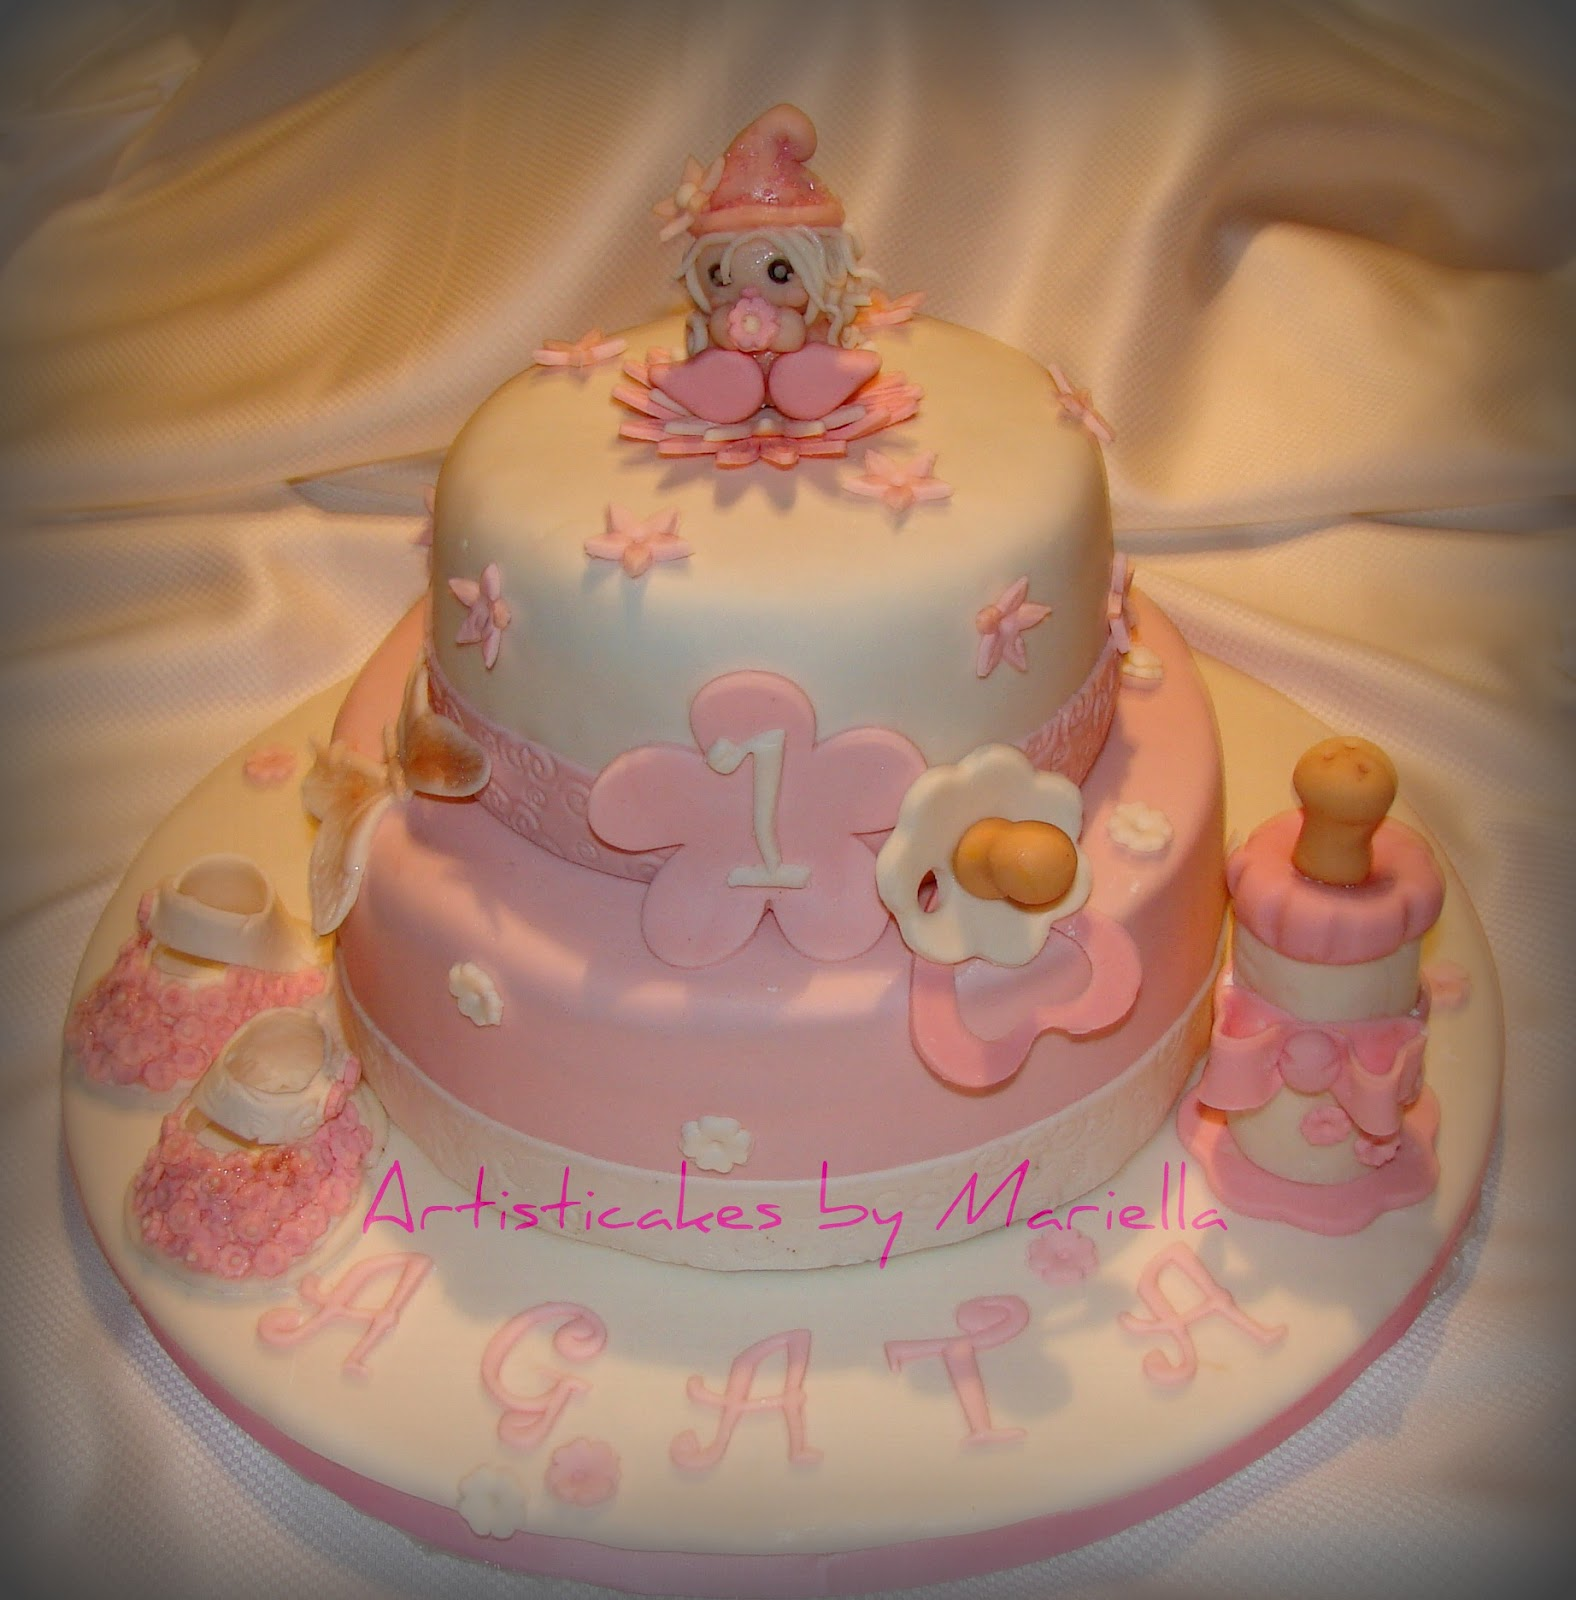 Regalo Primo Compleanno Nipotino artisticakes by mariella: torta primo compleanno di agata